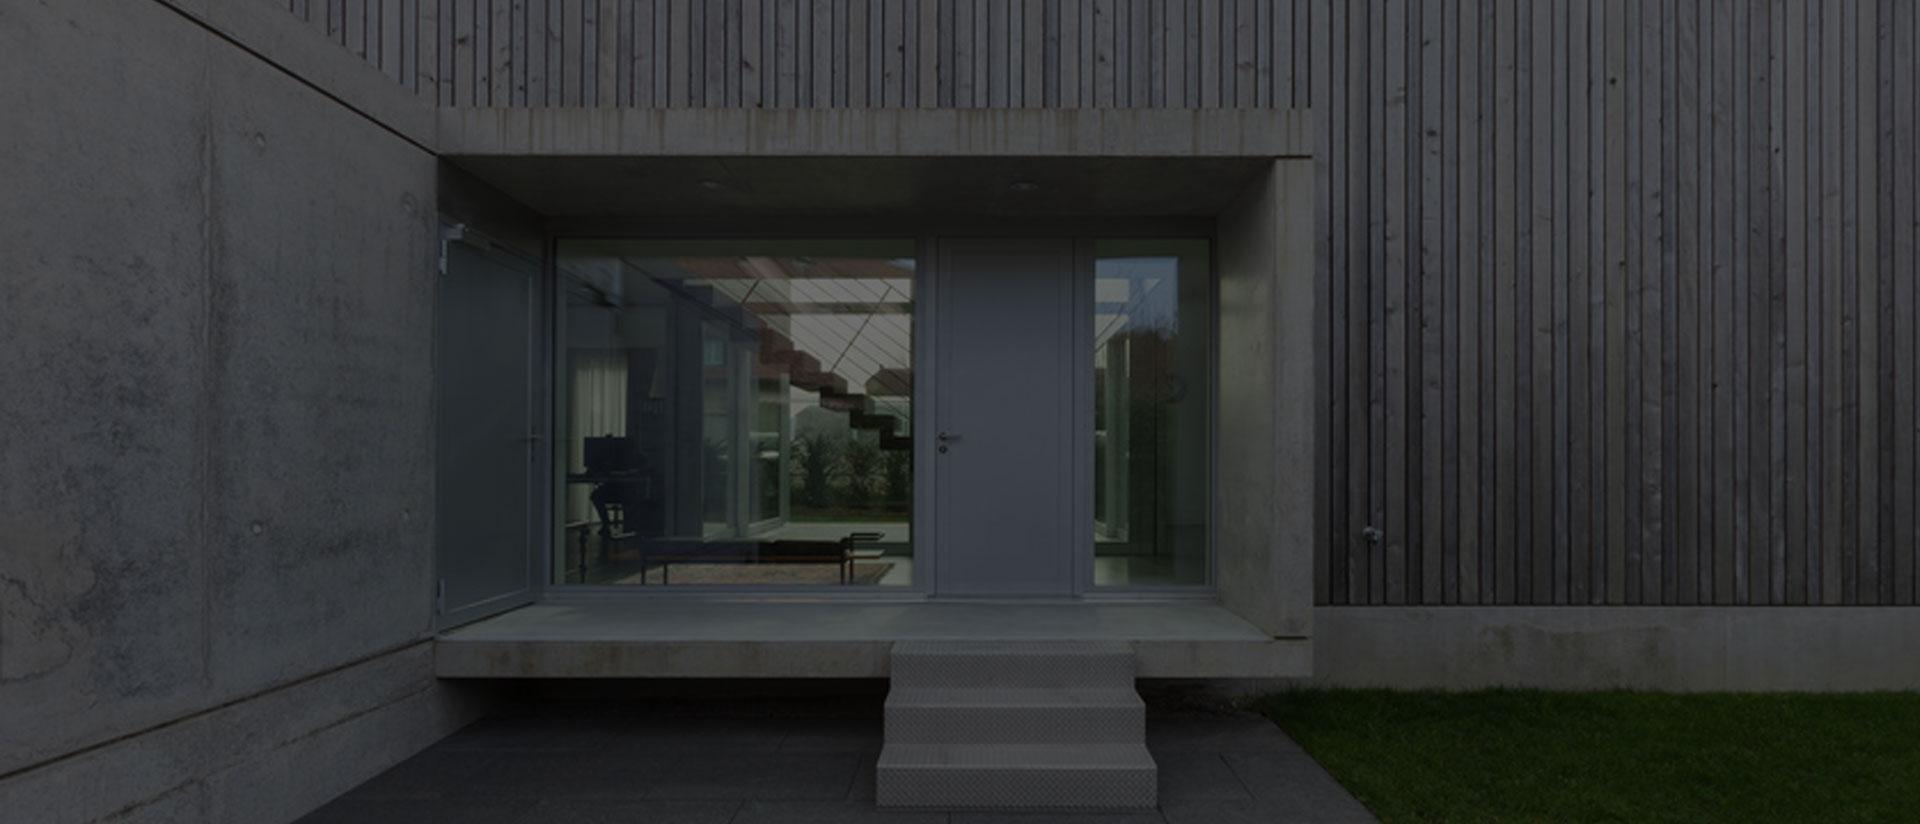 Haustüren holz bauernhaus kaufen  Die schönsten Ideen, Beispiele, und inspirierende Bild speichern ...